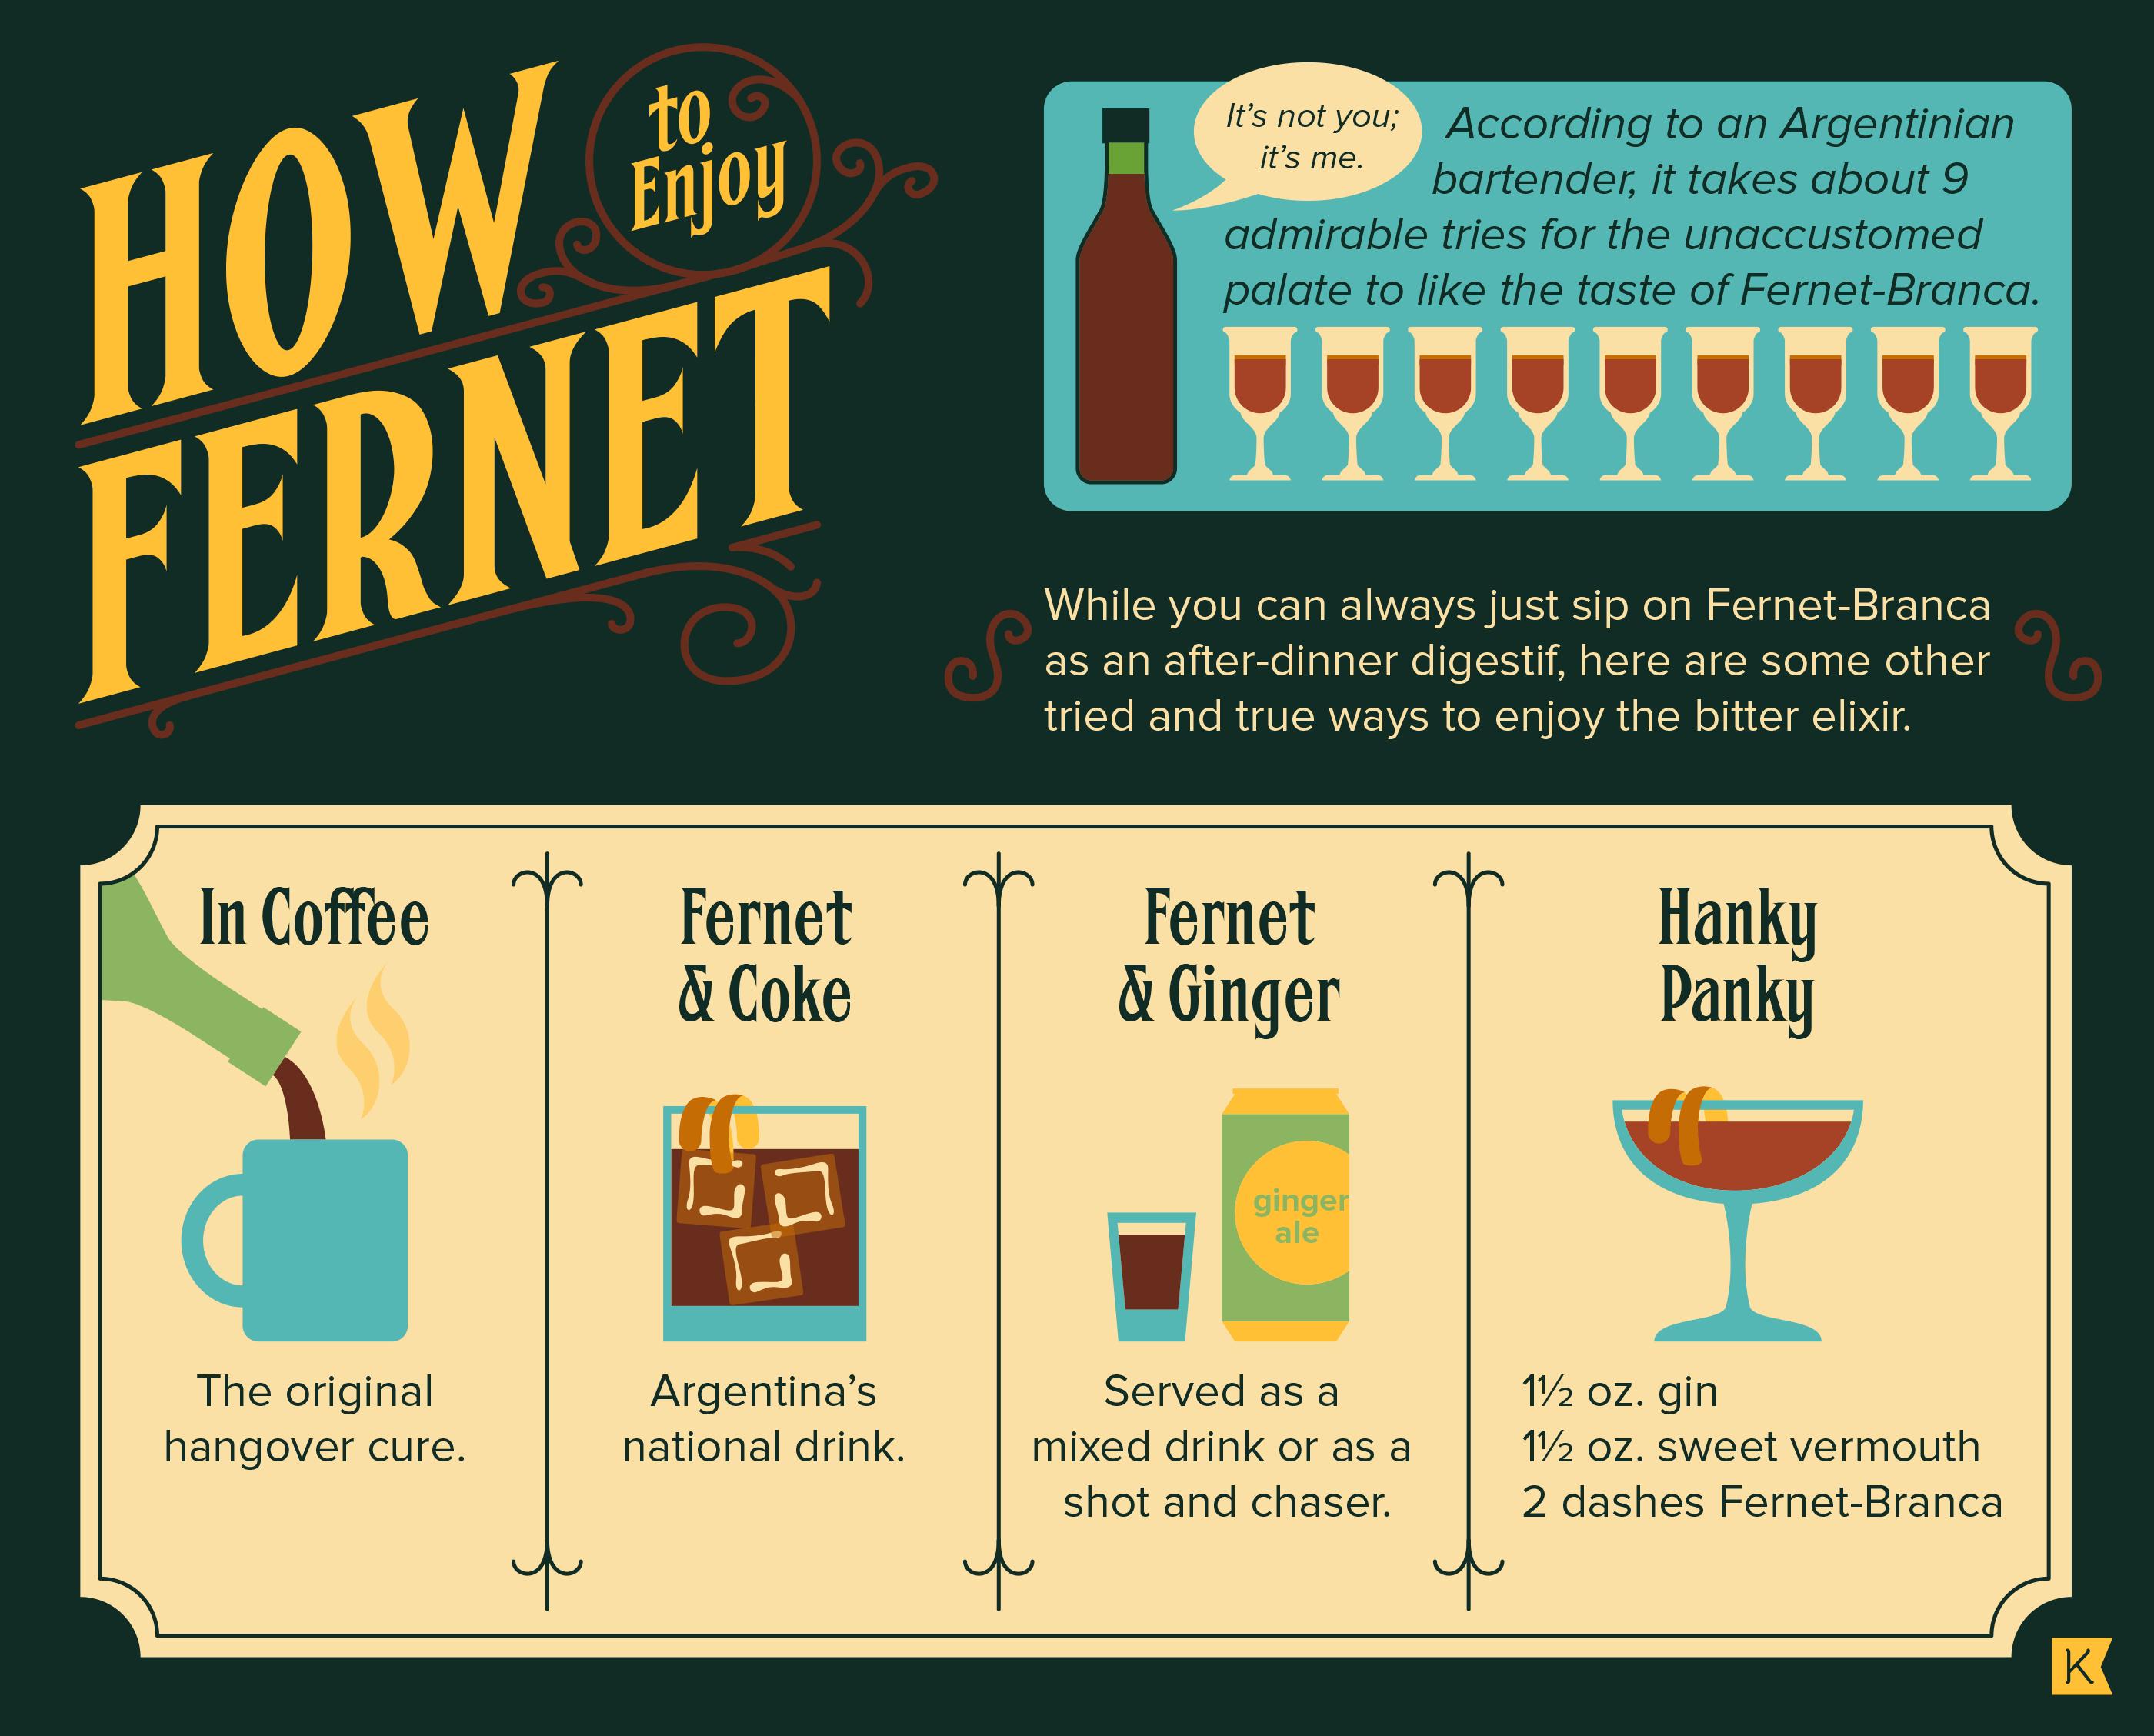 Kowal_Fernet_Infographic_BoldItalic-6